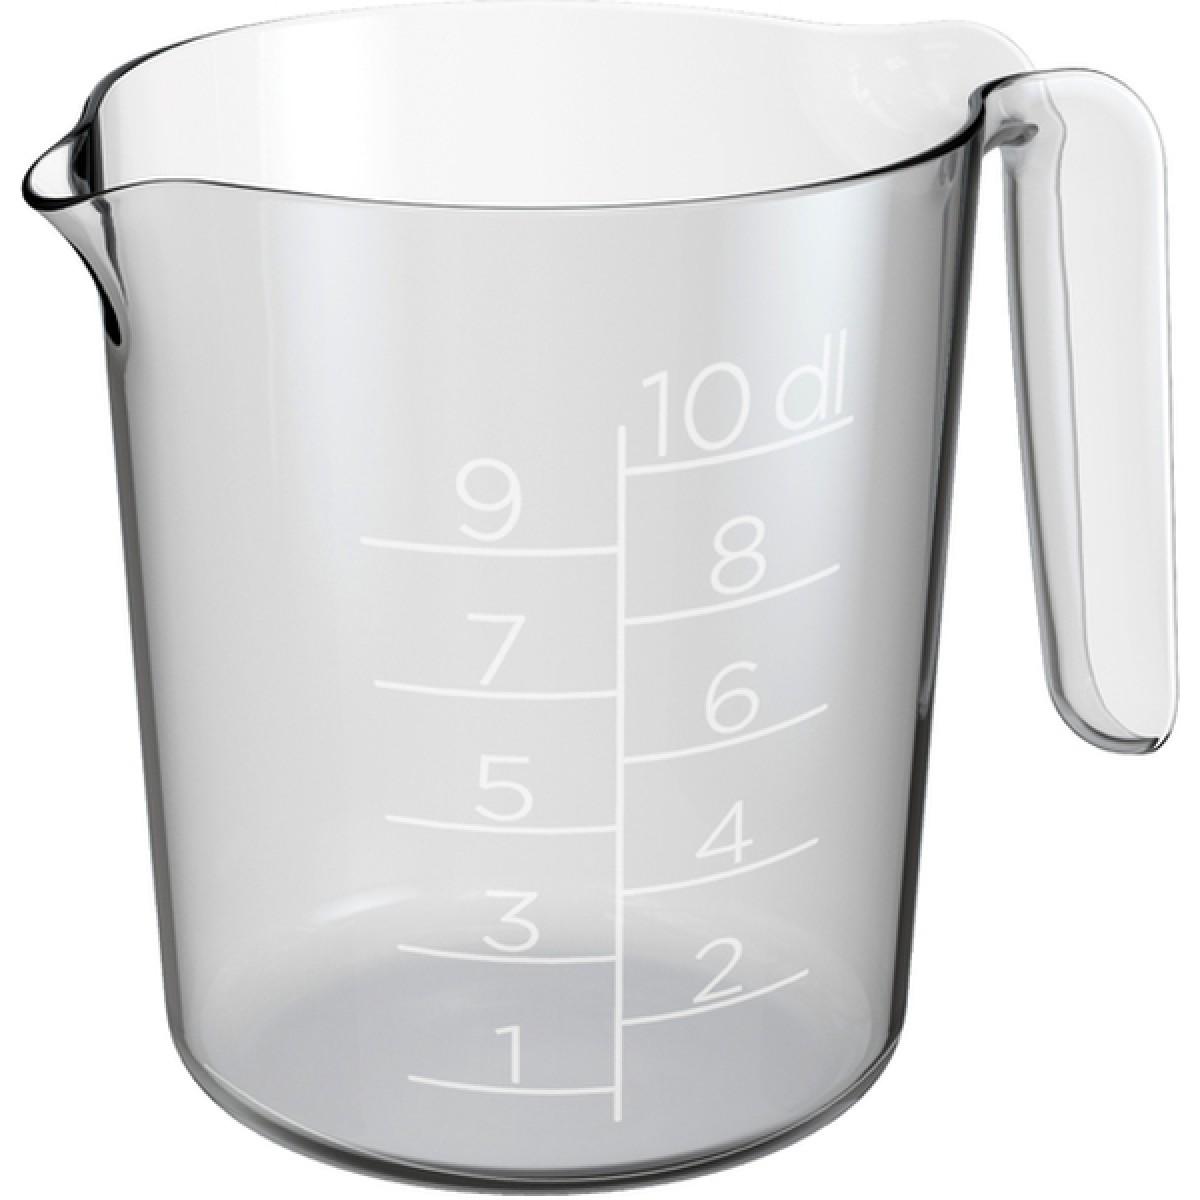 GASTROMAX målekande 1,0 ltr.